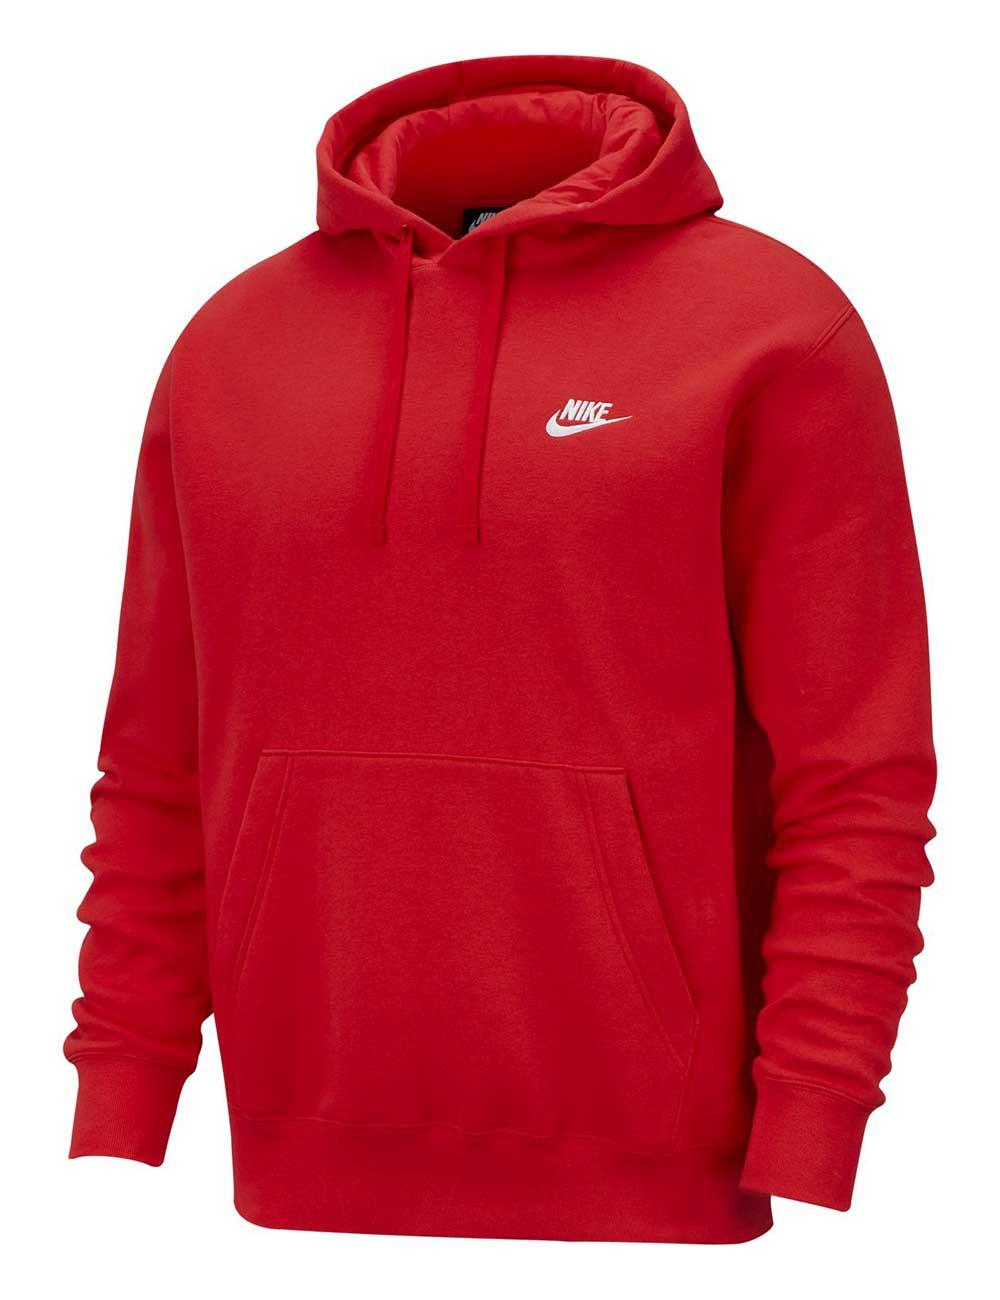 Nike sportswear Nsw club fleece - BV2654-657   Shapestore.it